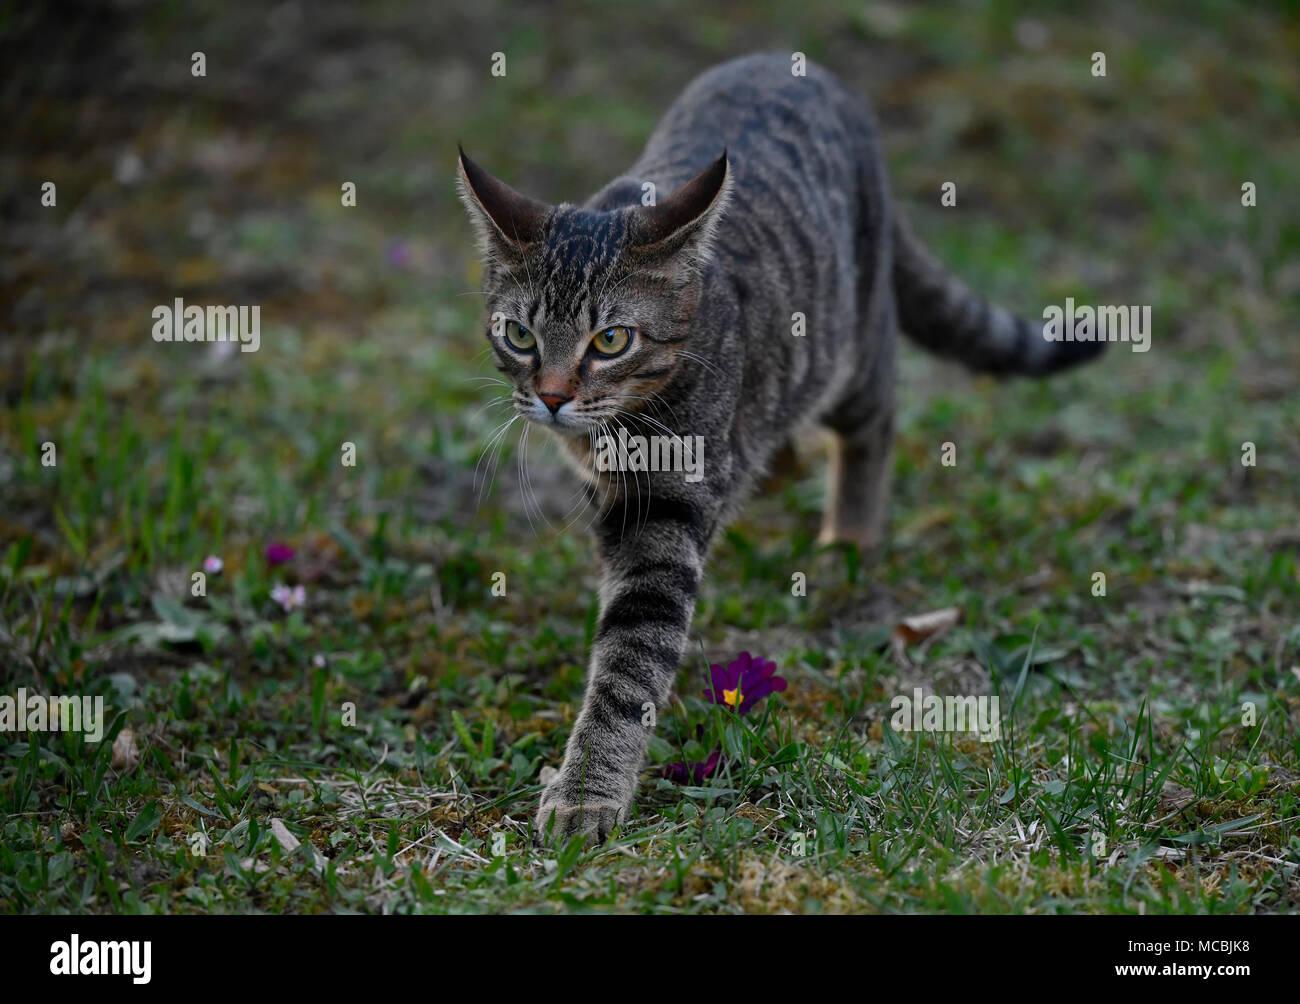 Camminata Di Gatto Immagini Camminata Di Gatto Fotos Stock Alamy